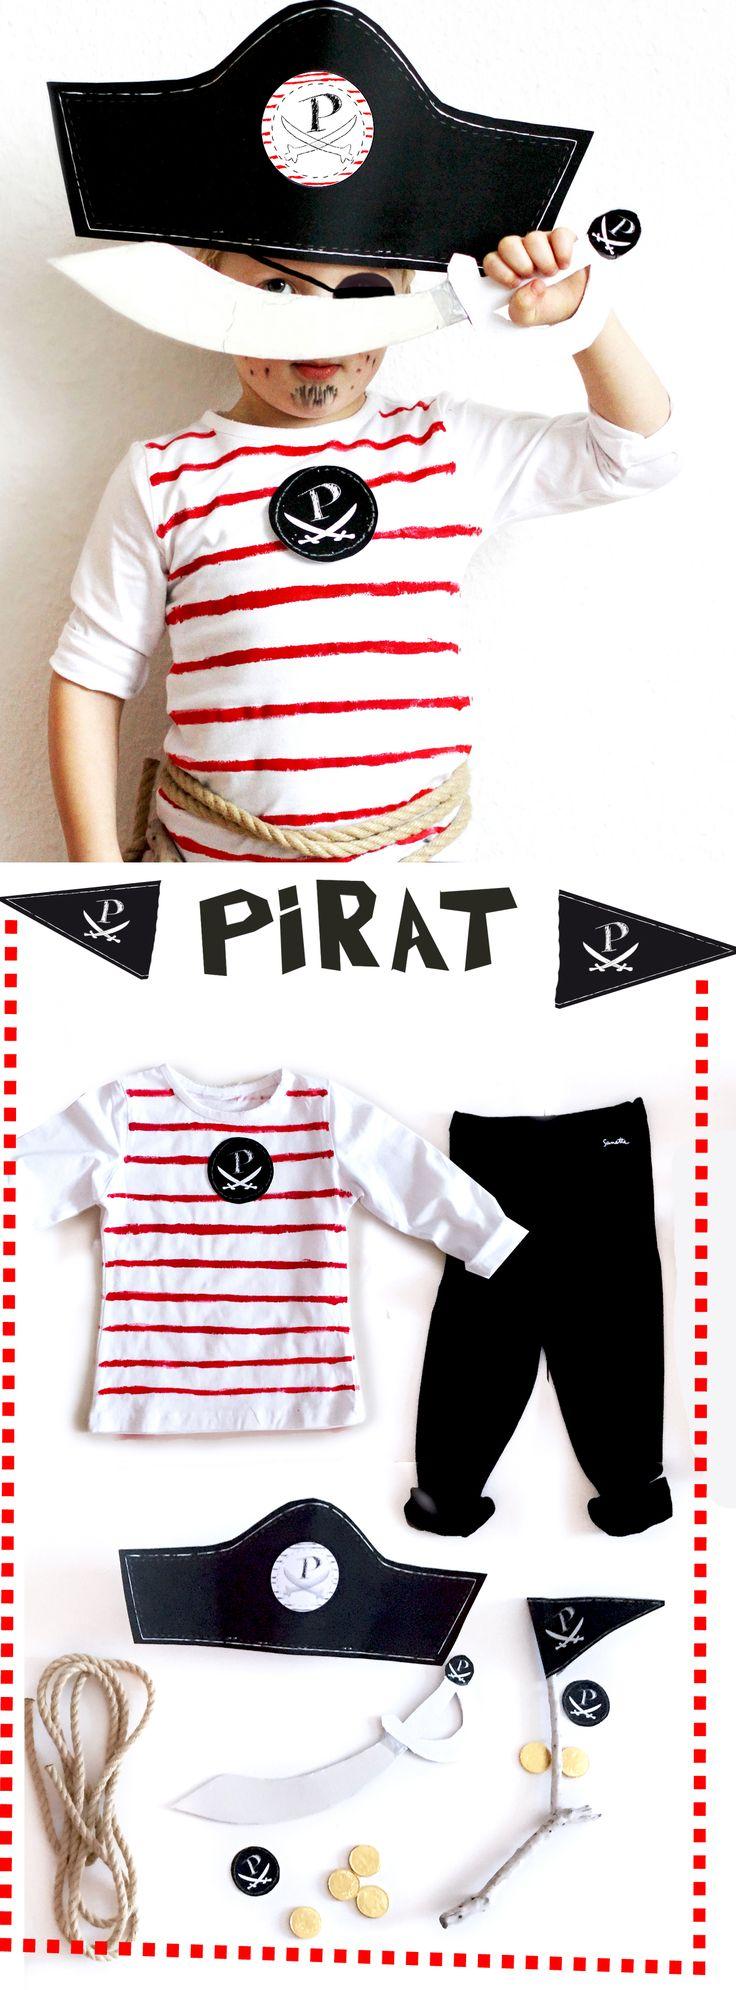 Kostüm Pirat: diese Verkleidung könnt ihr ganz einfach selber basteln. Anleitung und free printable zum kostenlosen download für den Hut, Schwert, Fahne und Emblem sowie Ideen für Augenklappe und Schminke. Perfekt nicht nur zum Karneval oder Fasching - auch für die Piratenparty oder Piratengeburstag für Jungen und Mächen -  verstellbarer Piratenhut - nicht nur für Kinder - auch für Frauen und Männer! Cool Pirate! DIY Costume for your pirate party, carneval or Birthday! visit  FAMILICIOUS.de